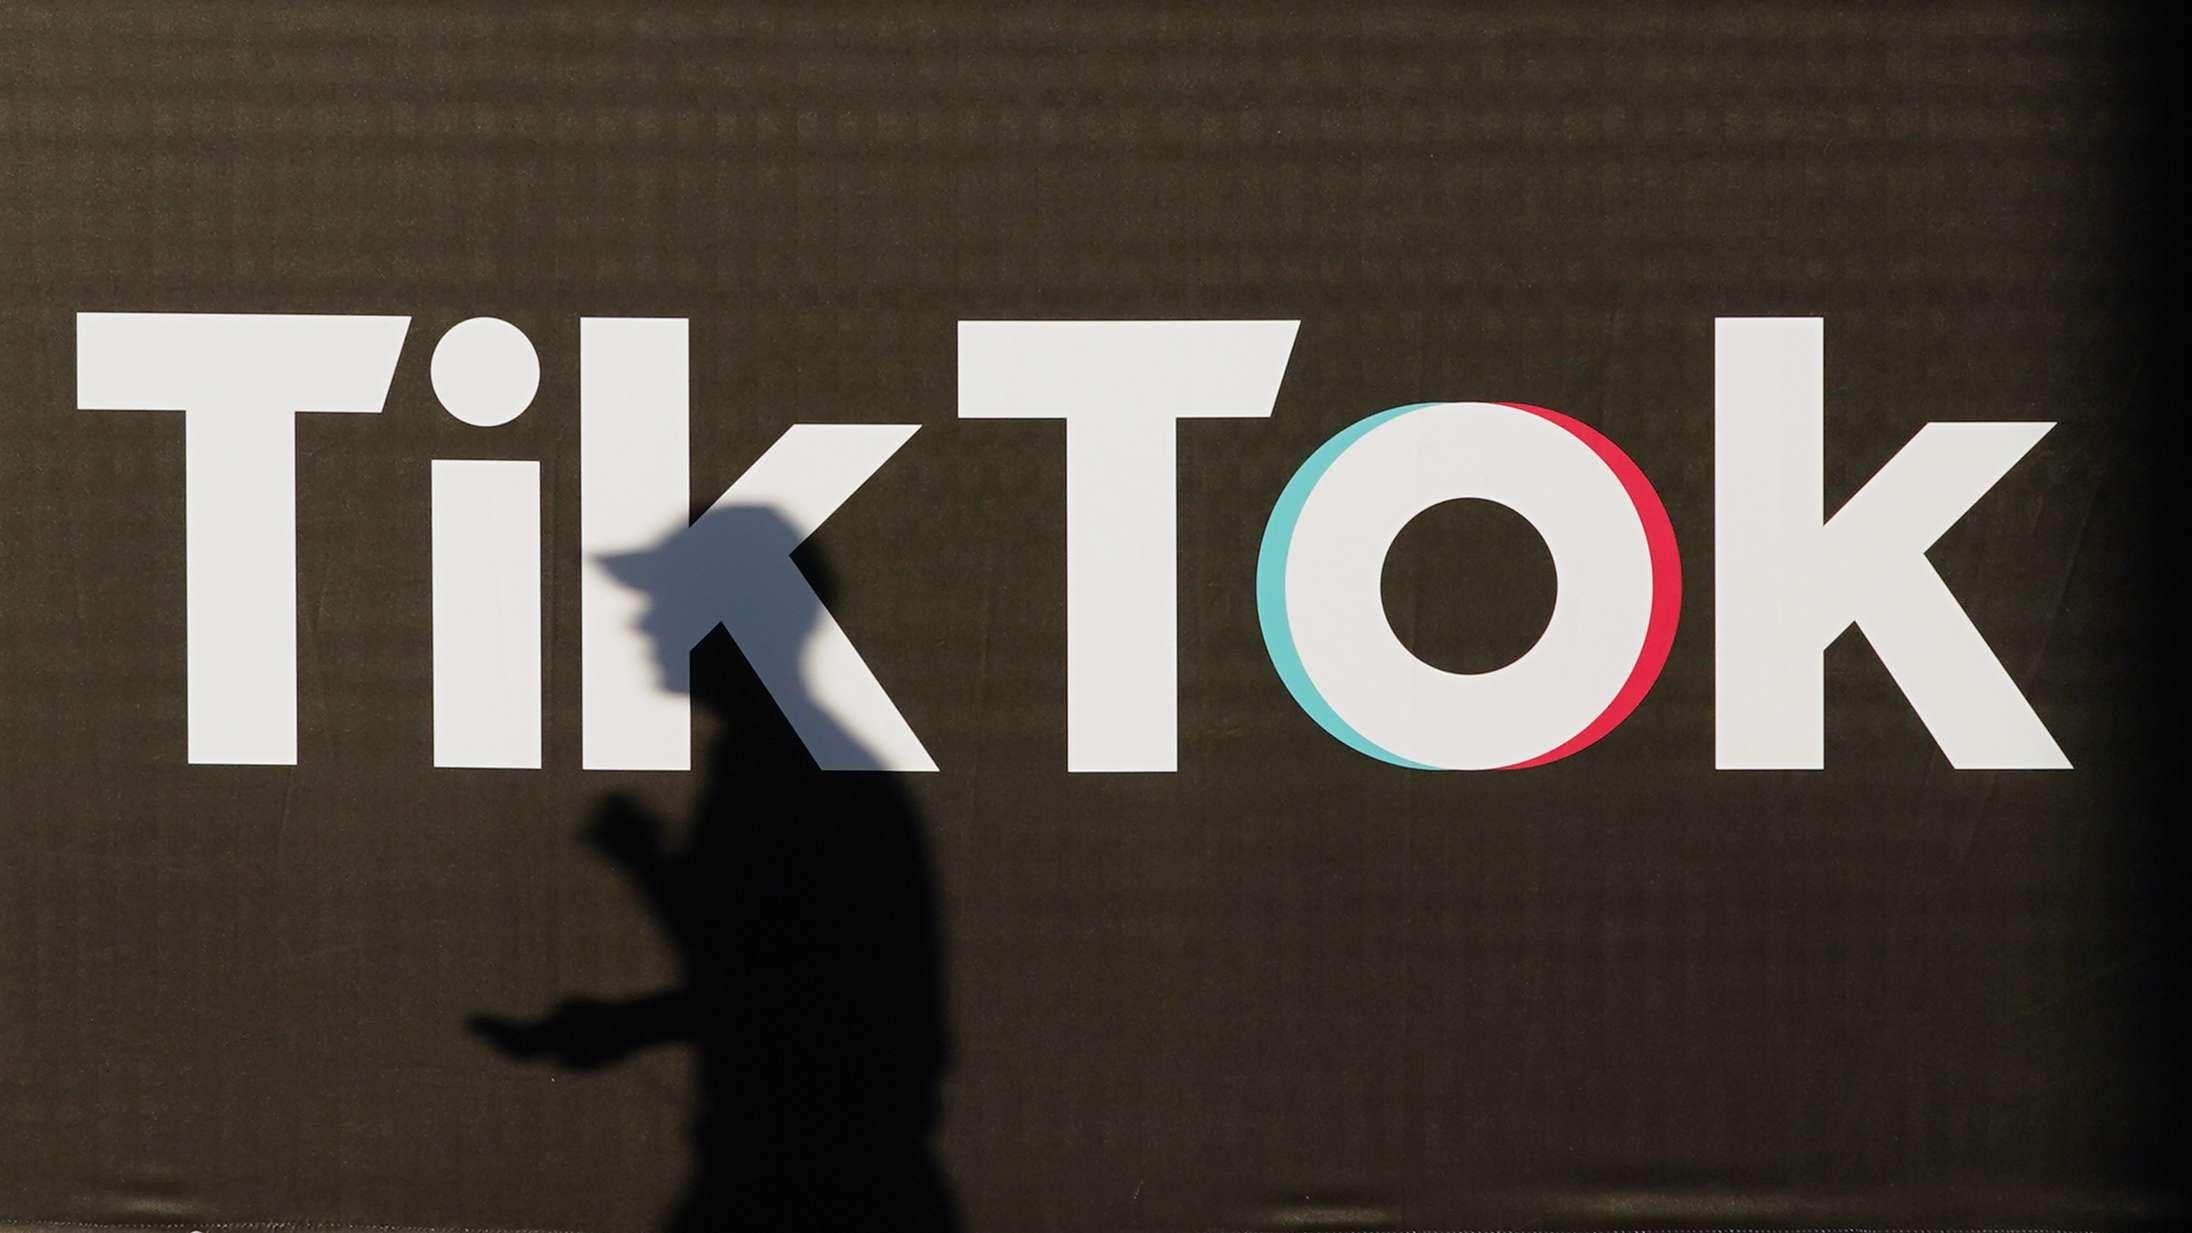 Du skal tænke dig om en ekstra gang, inden du deltager i silhuet-udfordringen på TikTok